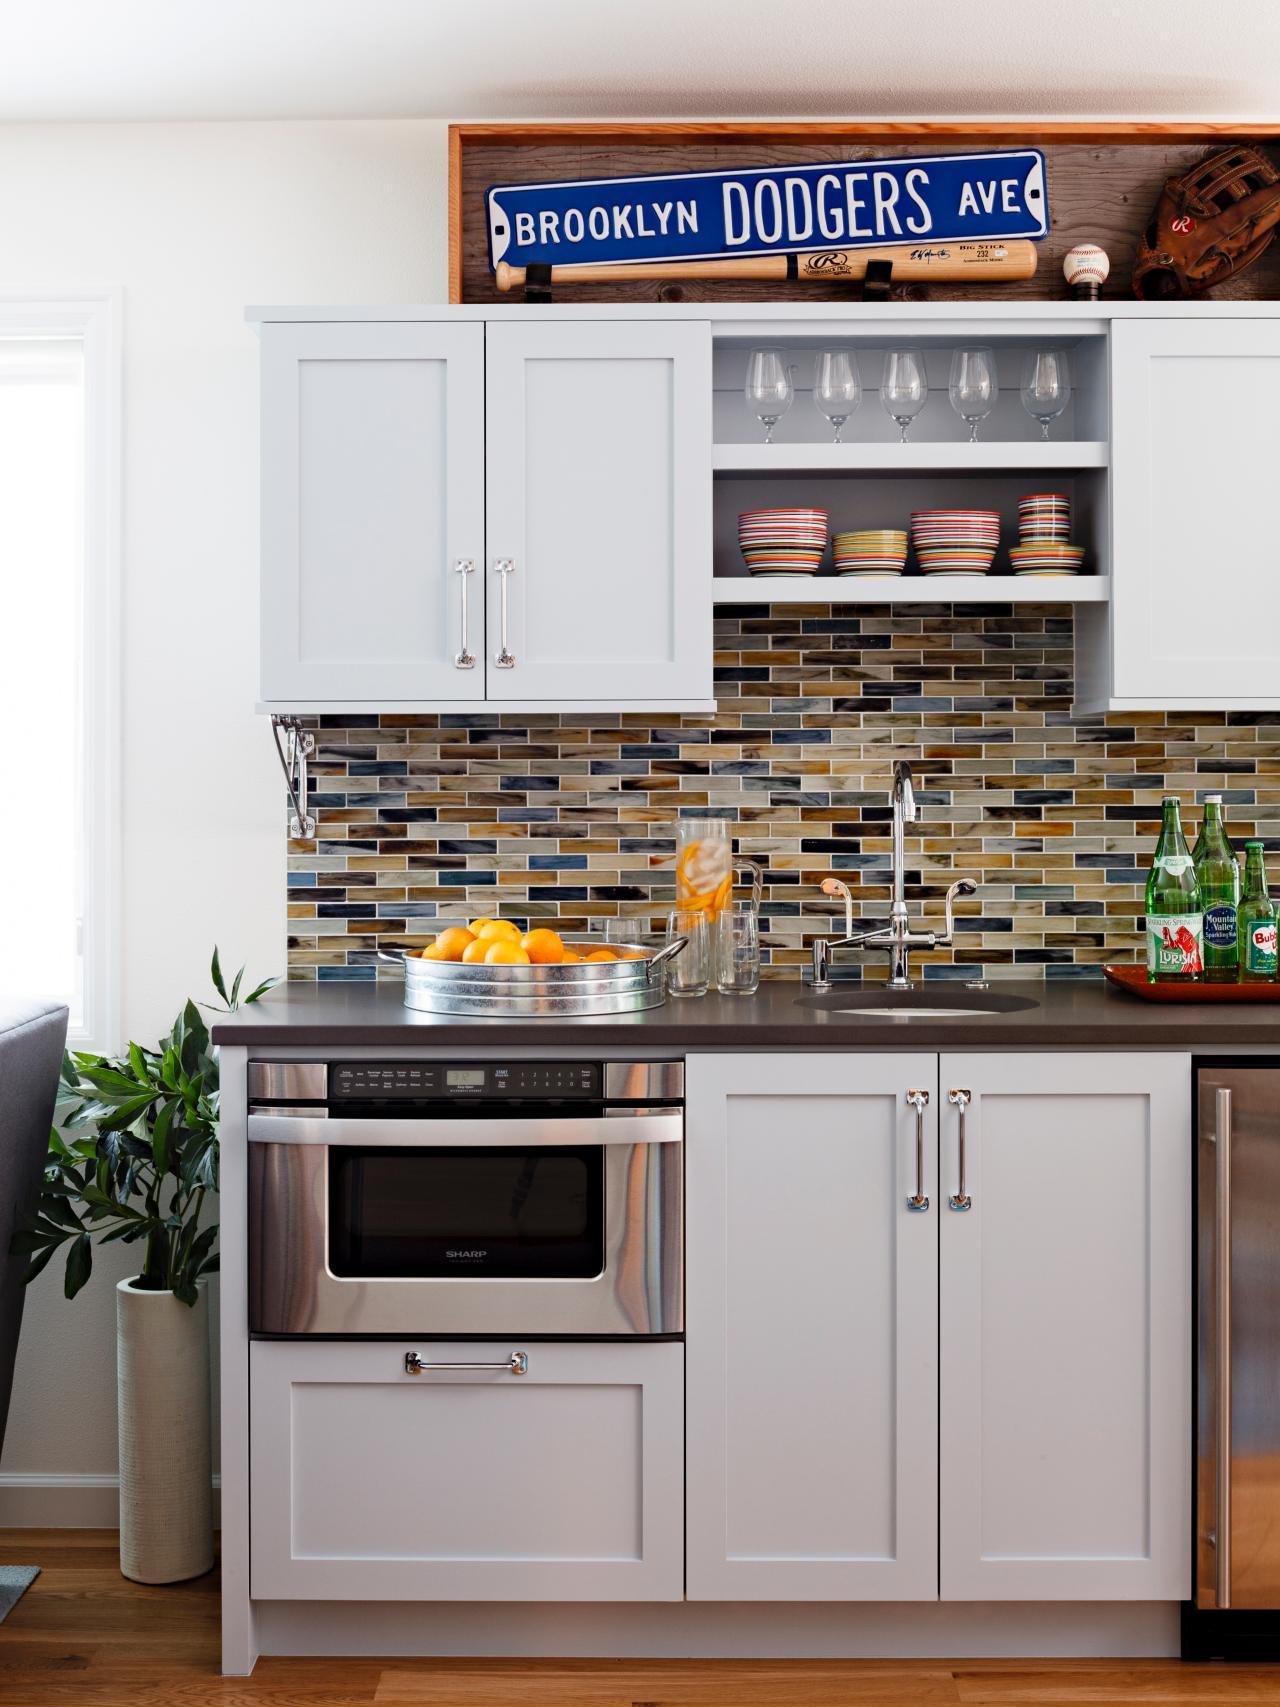 50 best kitchen backsplash ideas for 2021